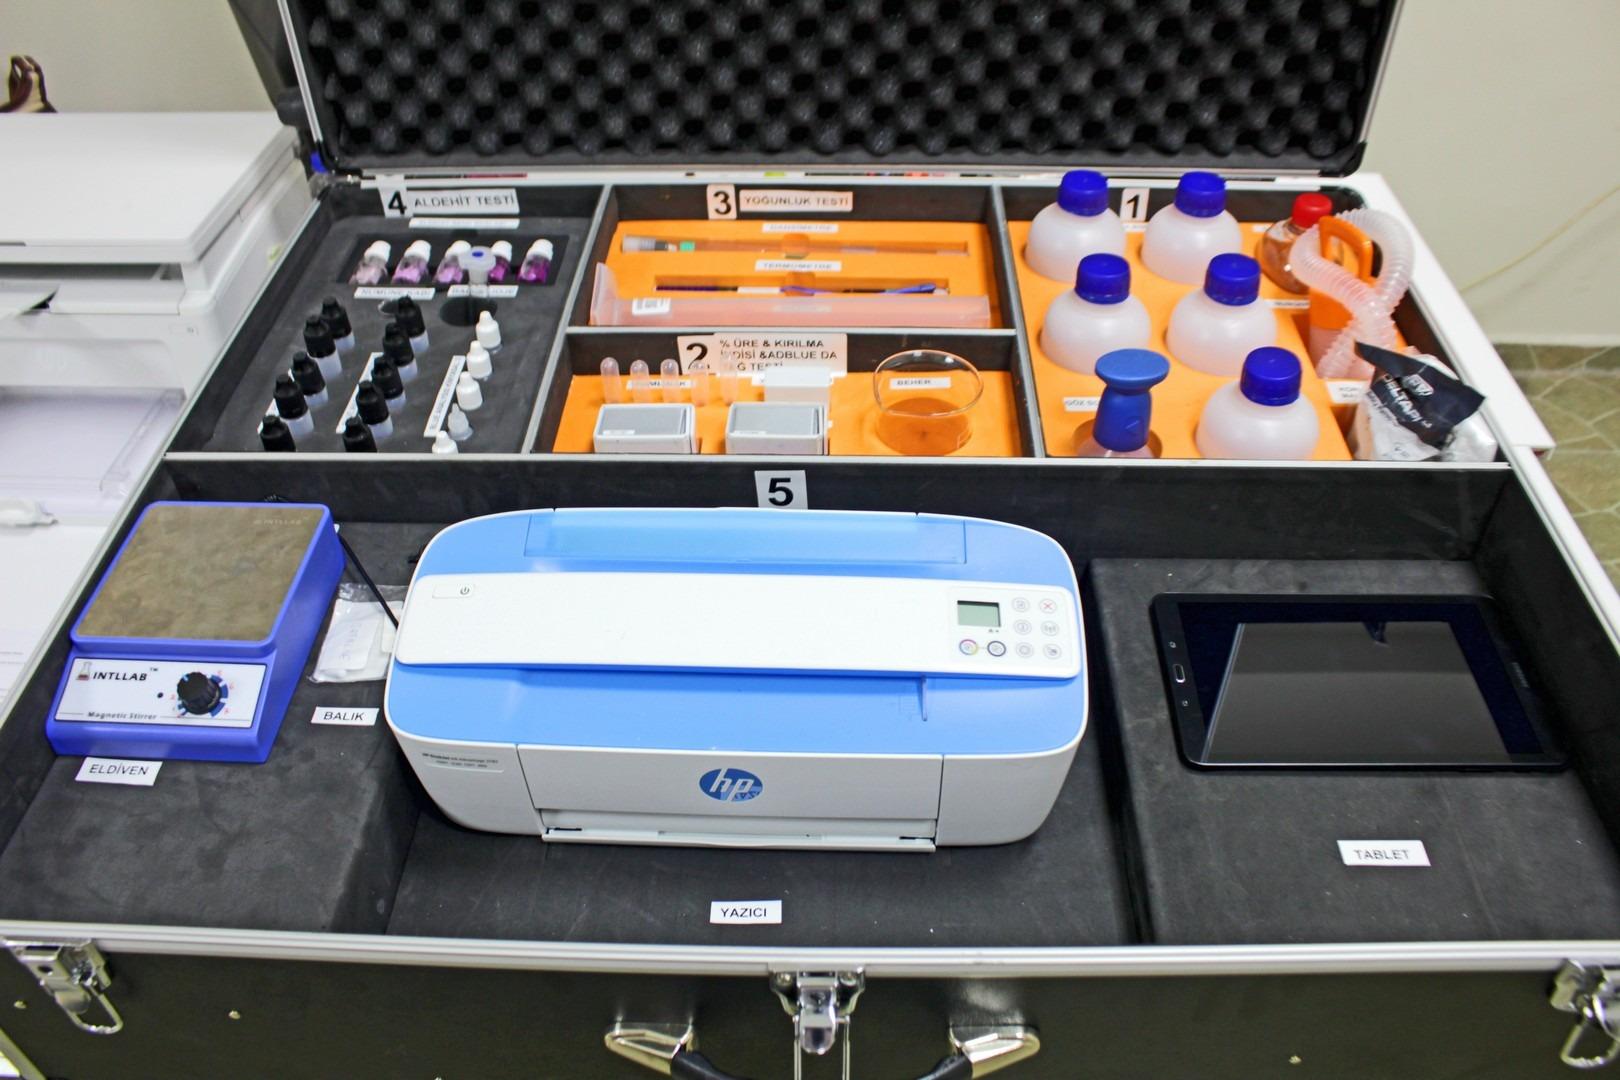 Blue Analysis test çantası; Euro 4, 5 ve 6 normuna sahip dizel yakıtlı ağır hizmet taşıtlarında, tır, otobüs, kamyonlarda ve yeni nesil binek otomobillerde egzoz emisyonunu azaltmak amacıyla kullanılan Adblue kimyasalının kalite ön testlerinin yapılmasını sağlayan test çantasıdır.